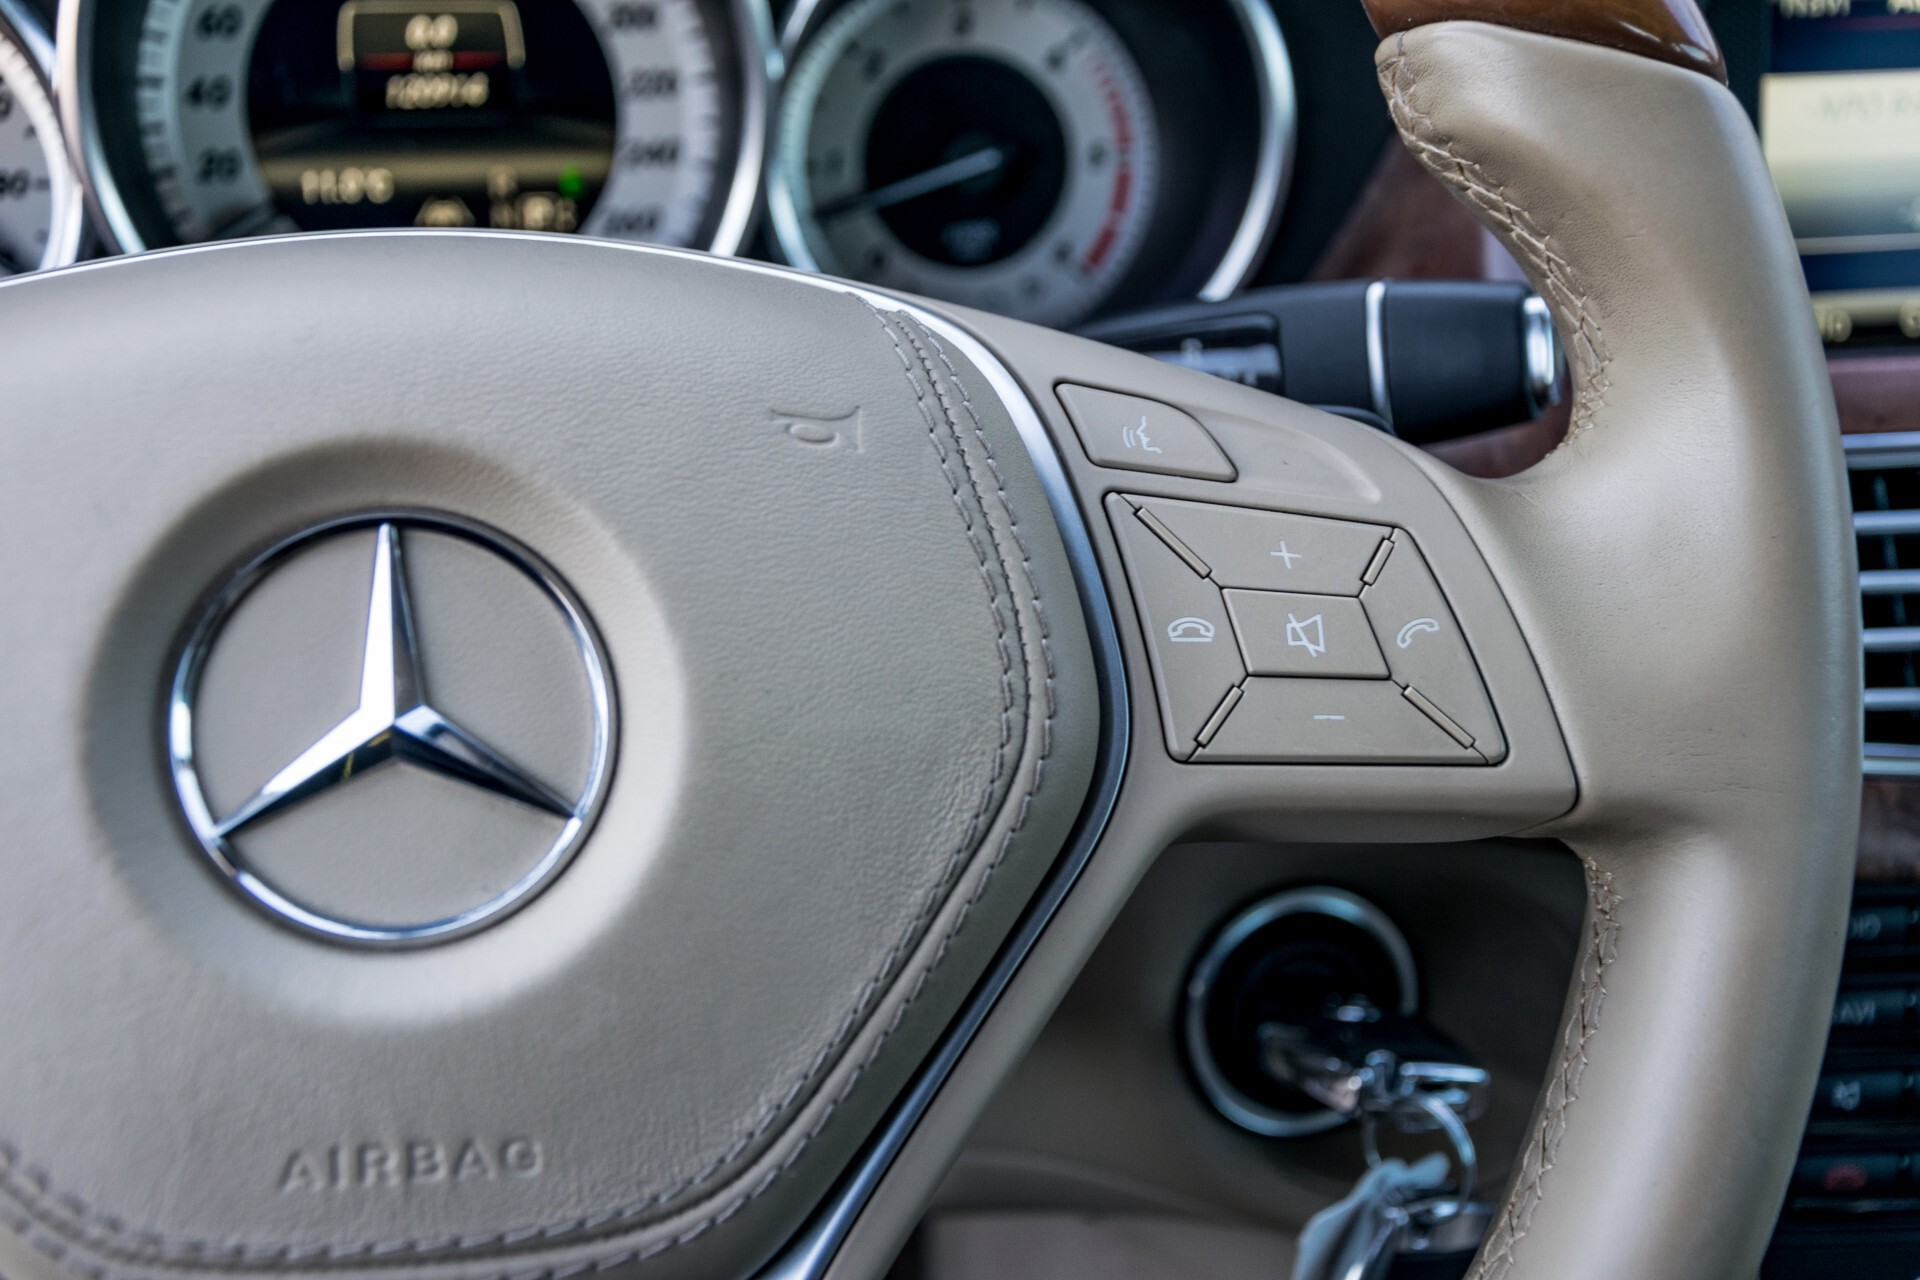 Mercedes-Benz CLS-Klasse 350 Cdi Luchtvering/Distronic/Nachtzicht/AMG/Comand/ILS Aut7 Foto 16